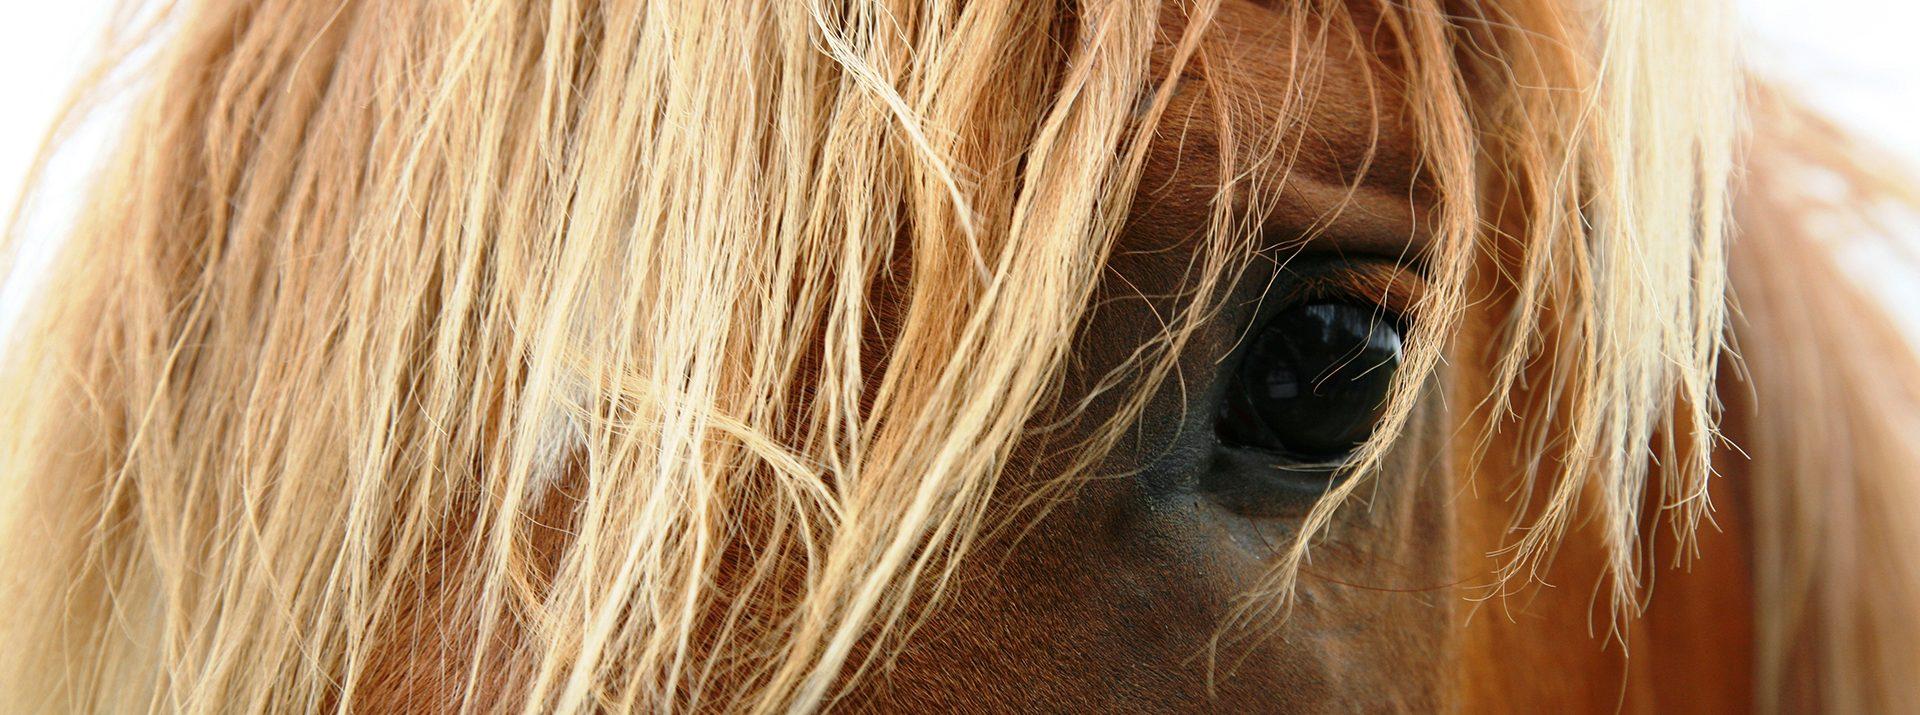 Kutyás, lovas és más állatokkal asszisztált fejlesztőpedagógiai terápiák, mozgásterápiák